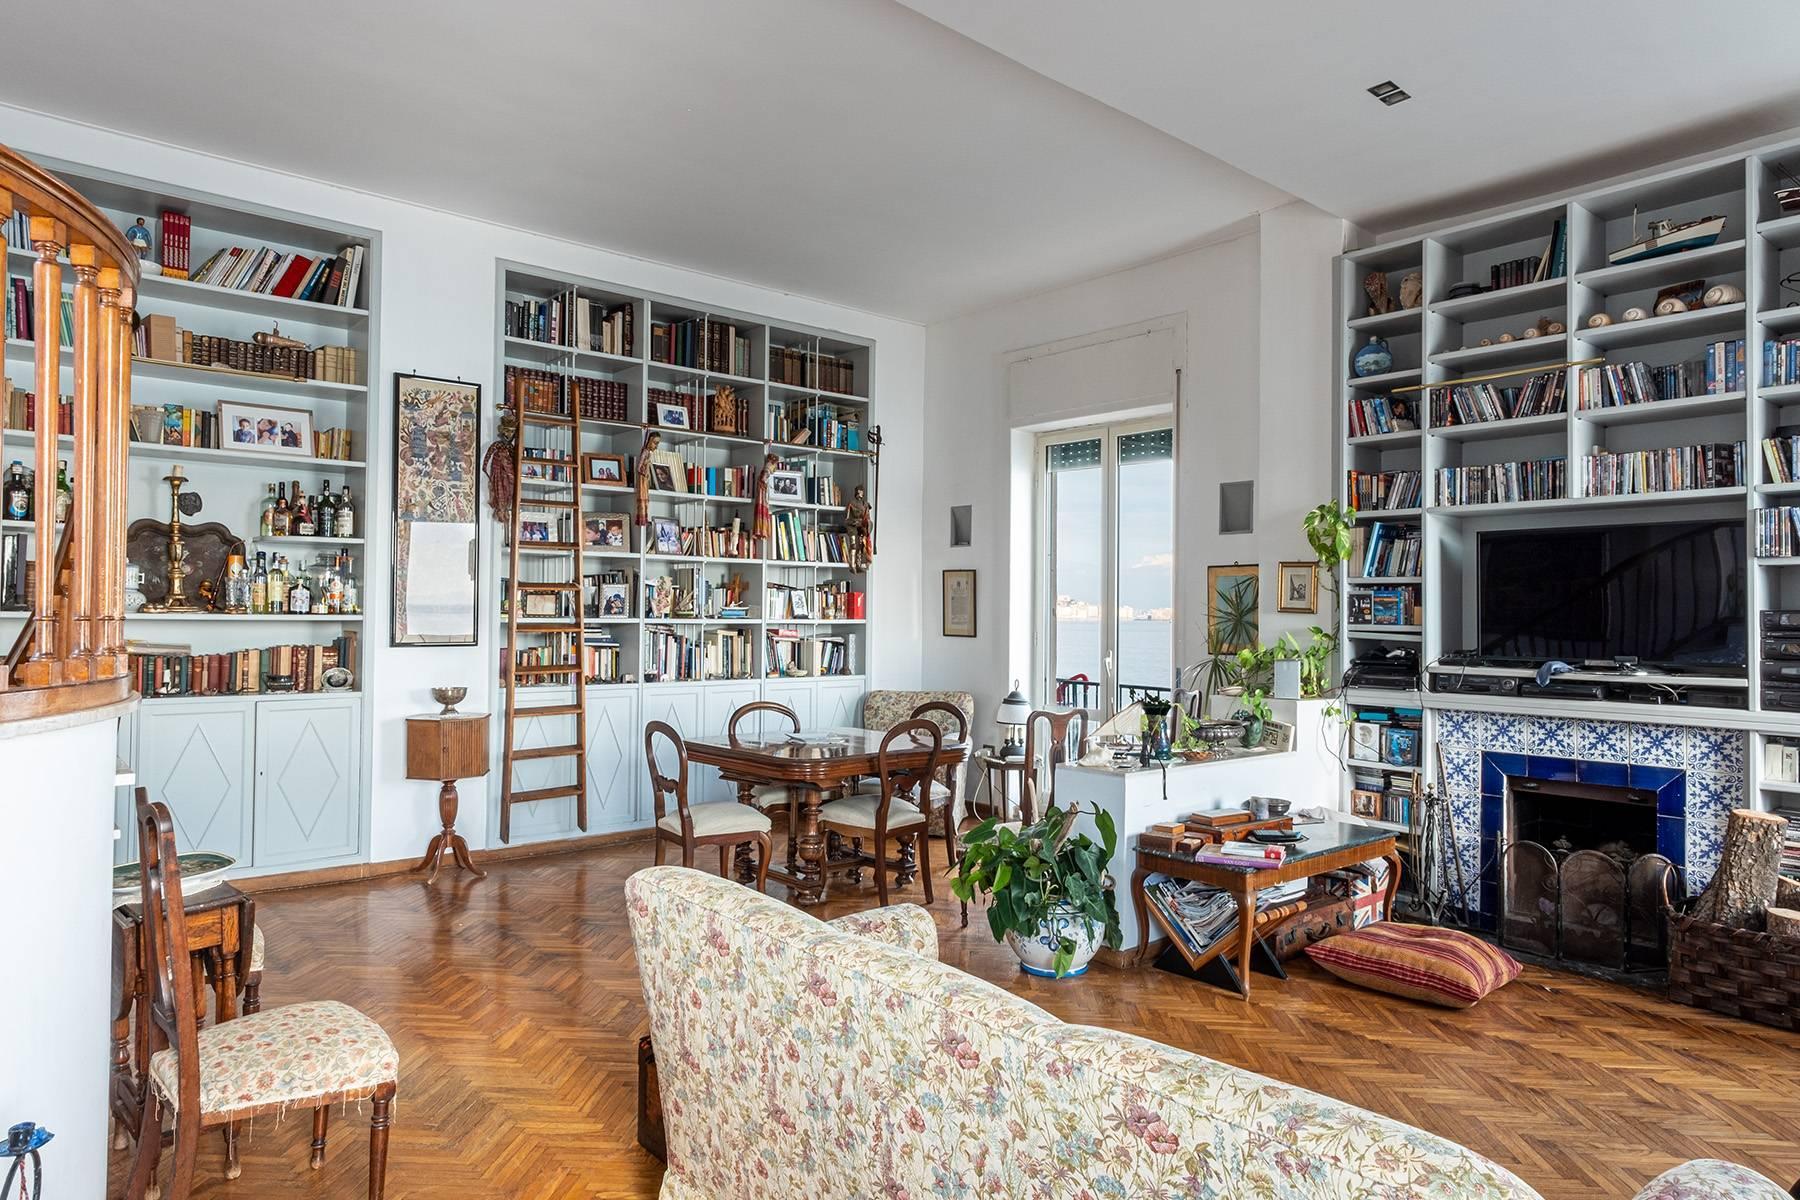 Первая линия моря! Потрясающие апартаменты в старинной вилле в Неаполе, Италия - 16